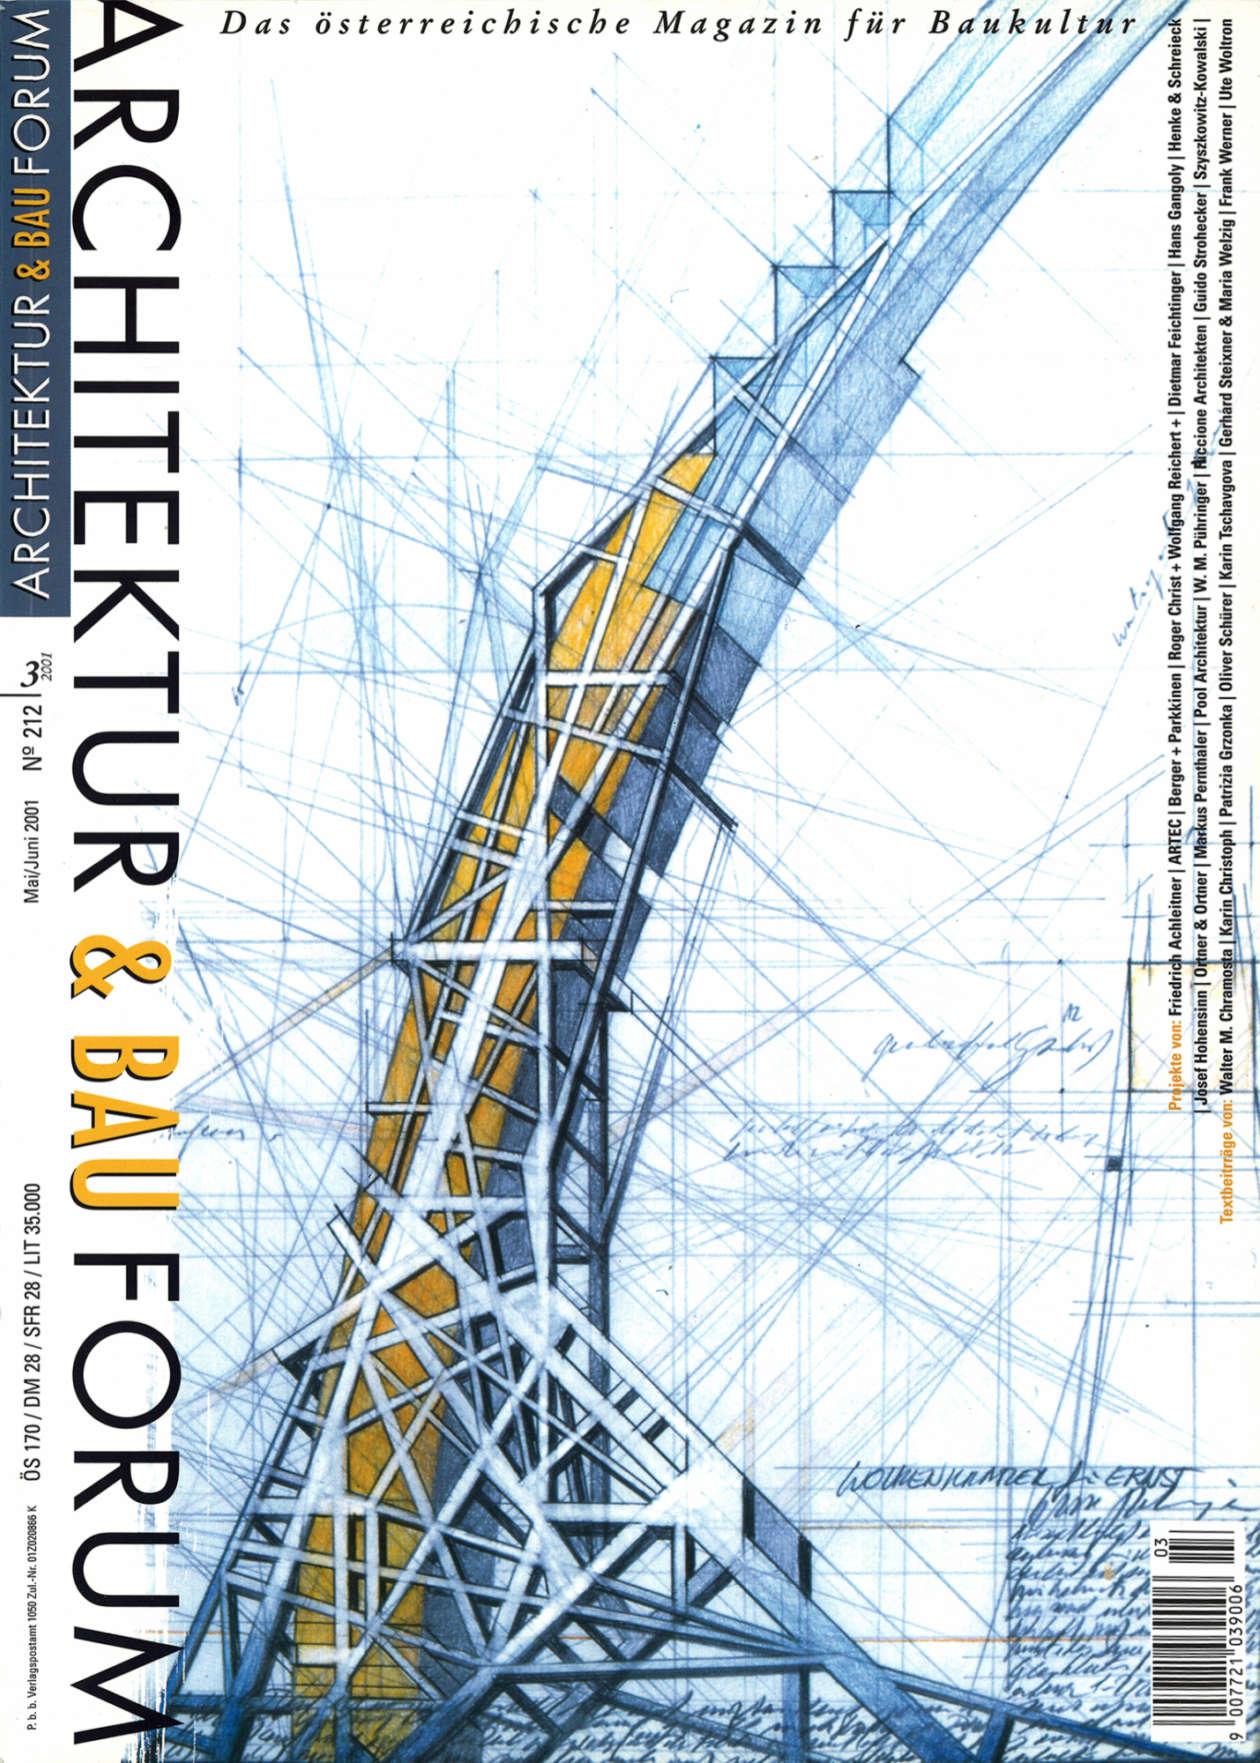 Architektur Bauforum 01